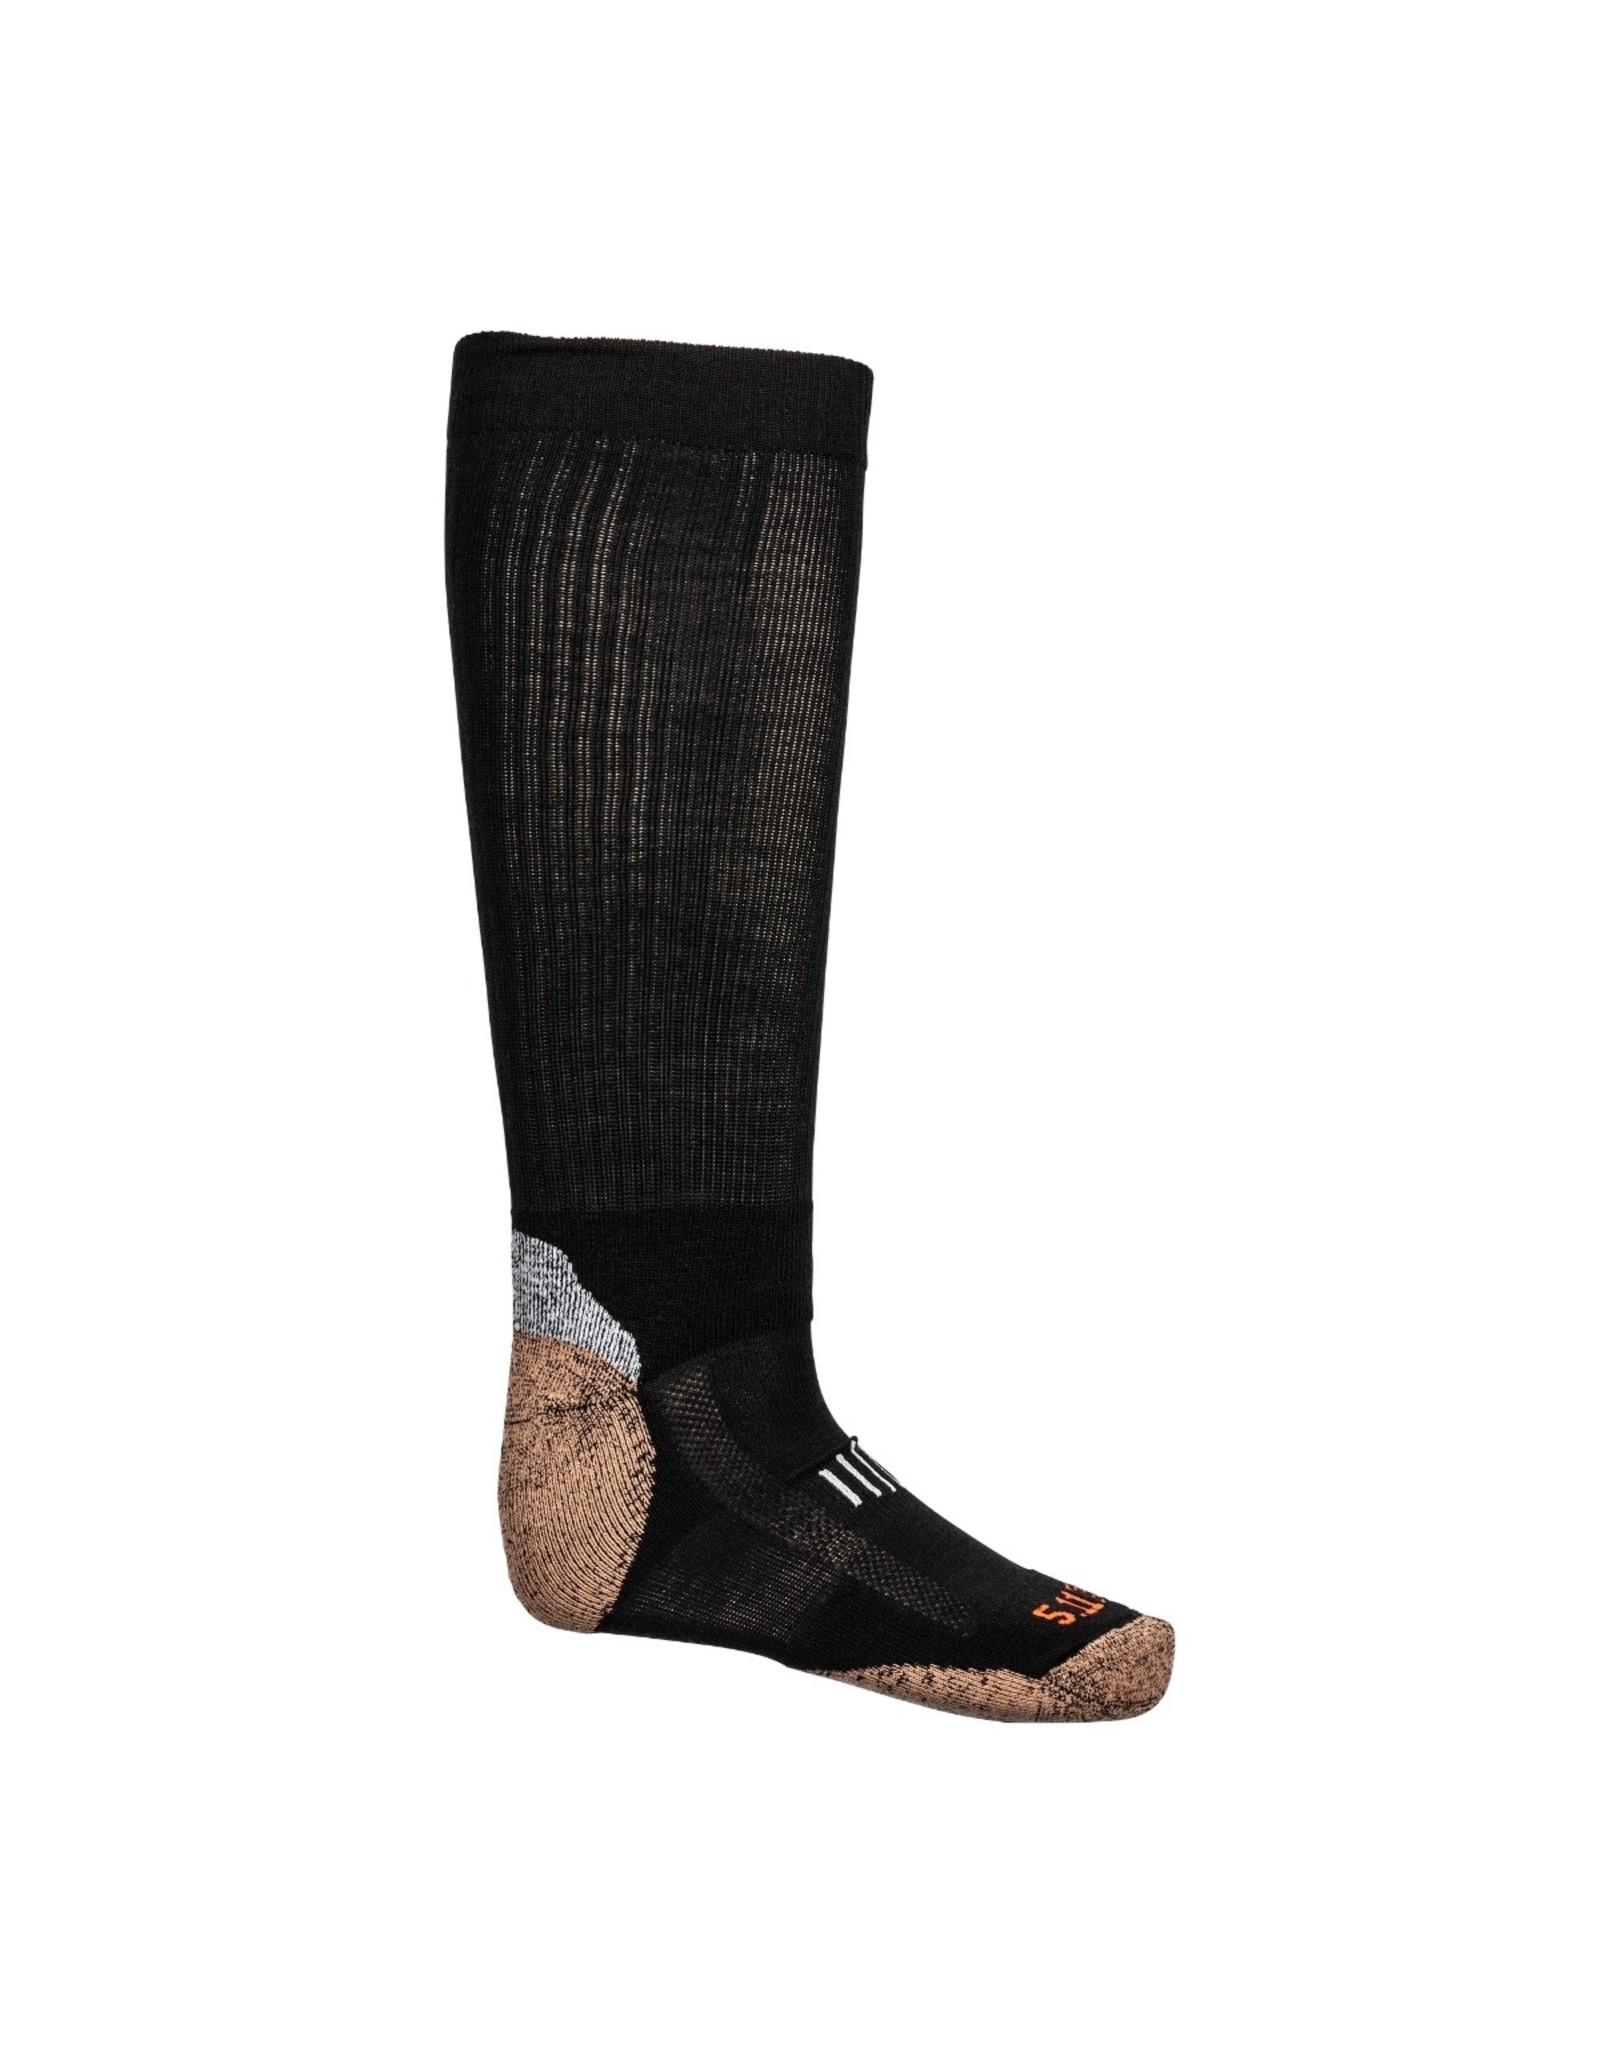 5.11 Merino OTC boot sock